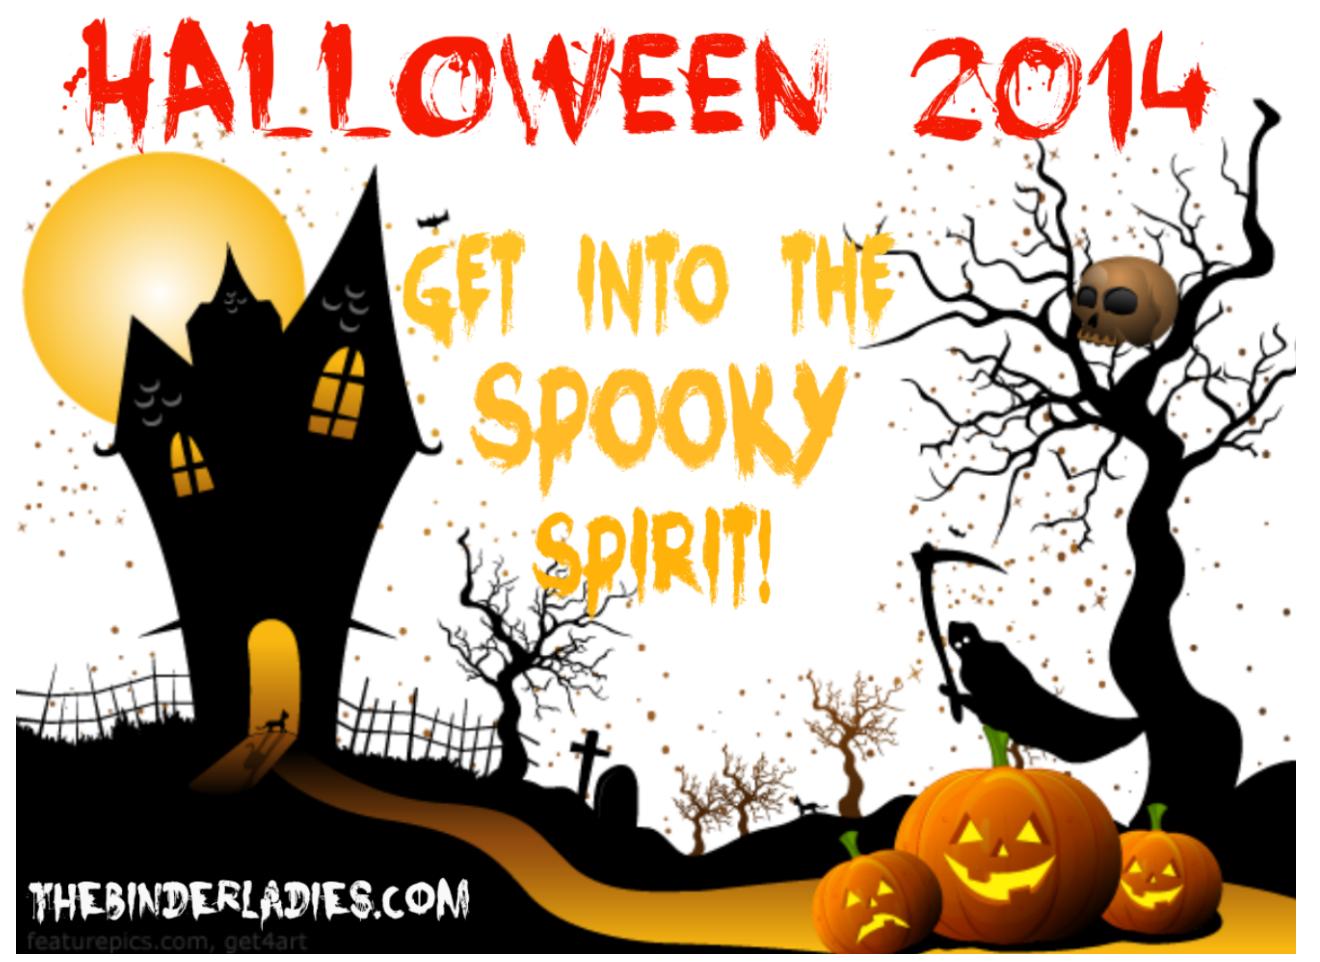 http://www.thebinderladies.com/2014/10/to-get-you-in-spooky-spirit-ellen.html#.VErvXUvdtbw